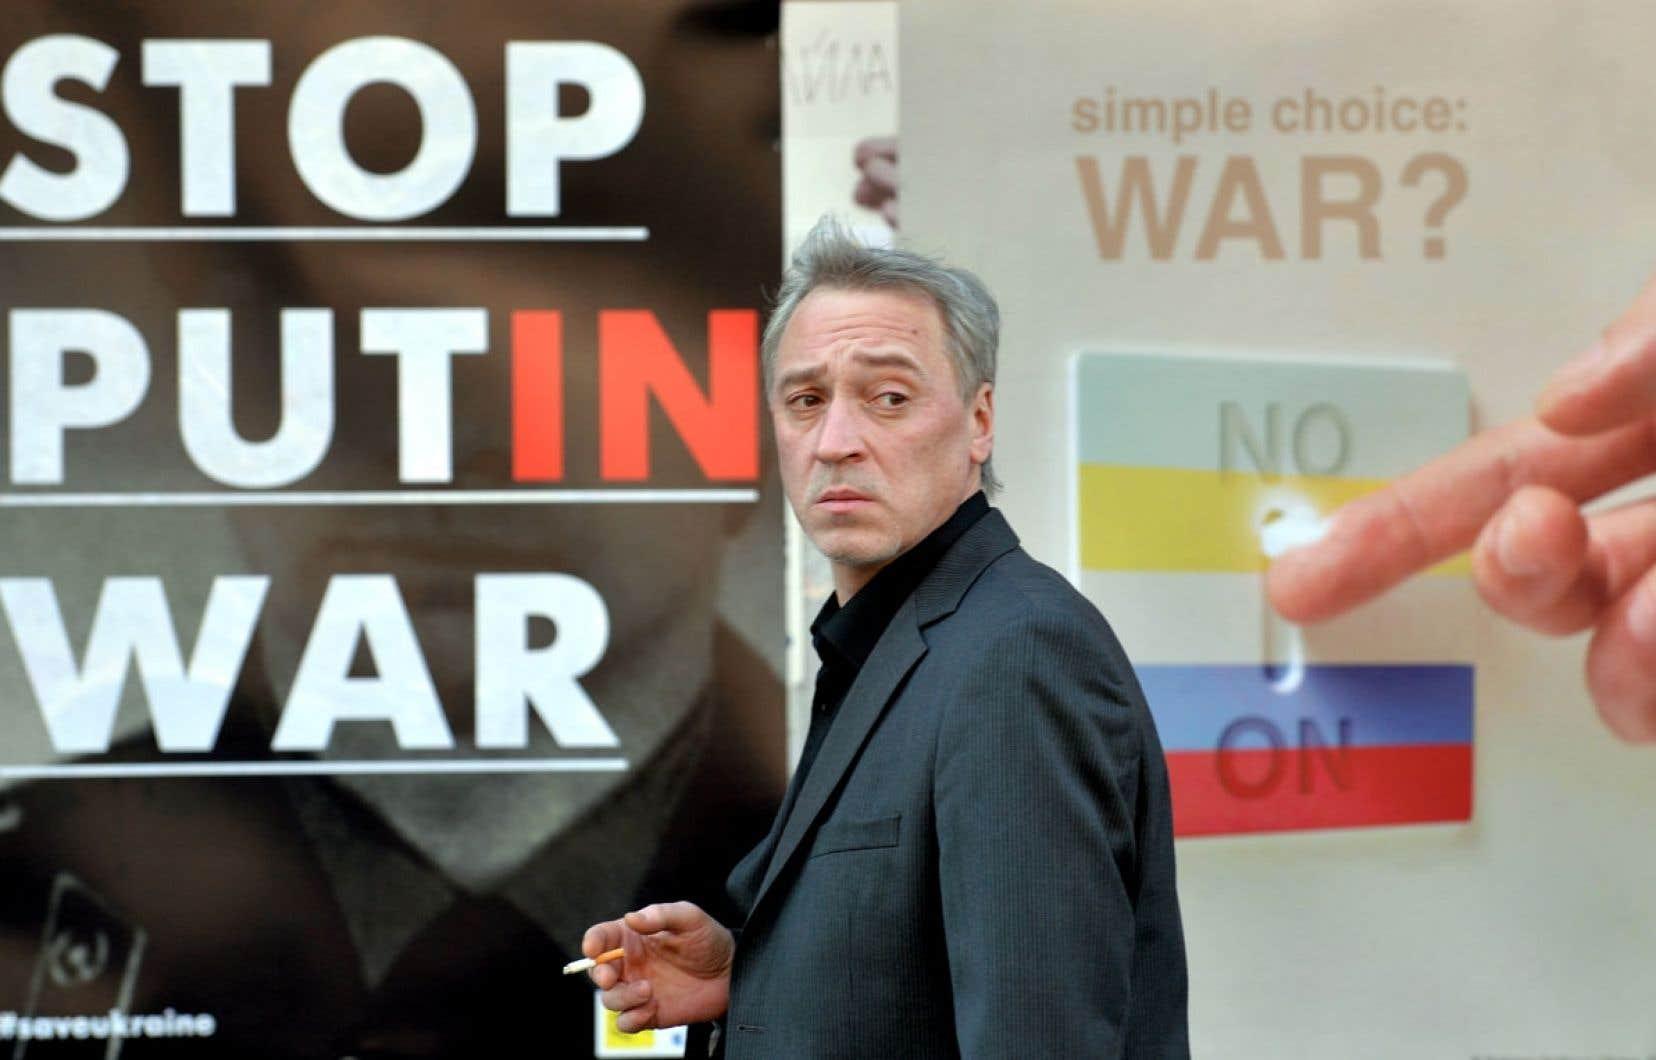 À Kiev, un homme passe devant une affiche invitant à arrêter la guerre de Vladimir Poutine.